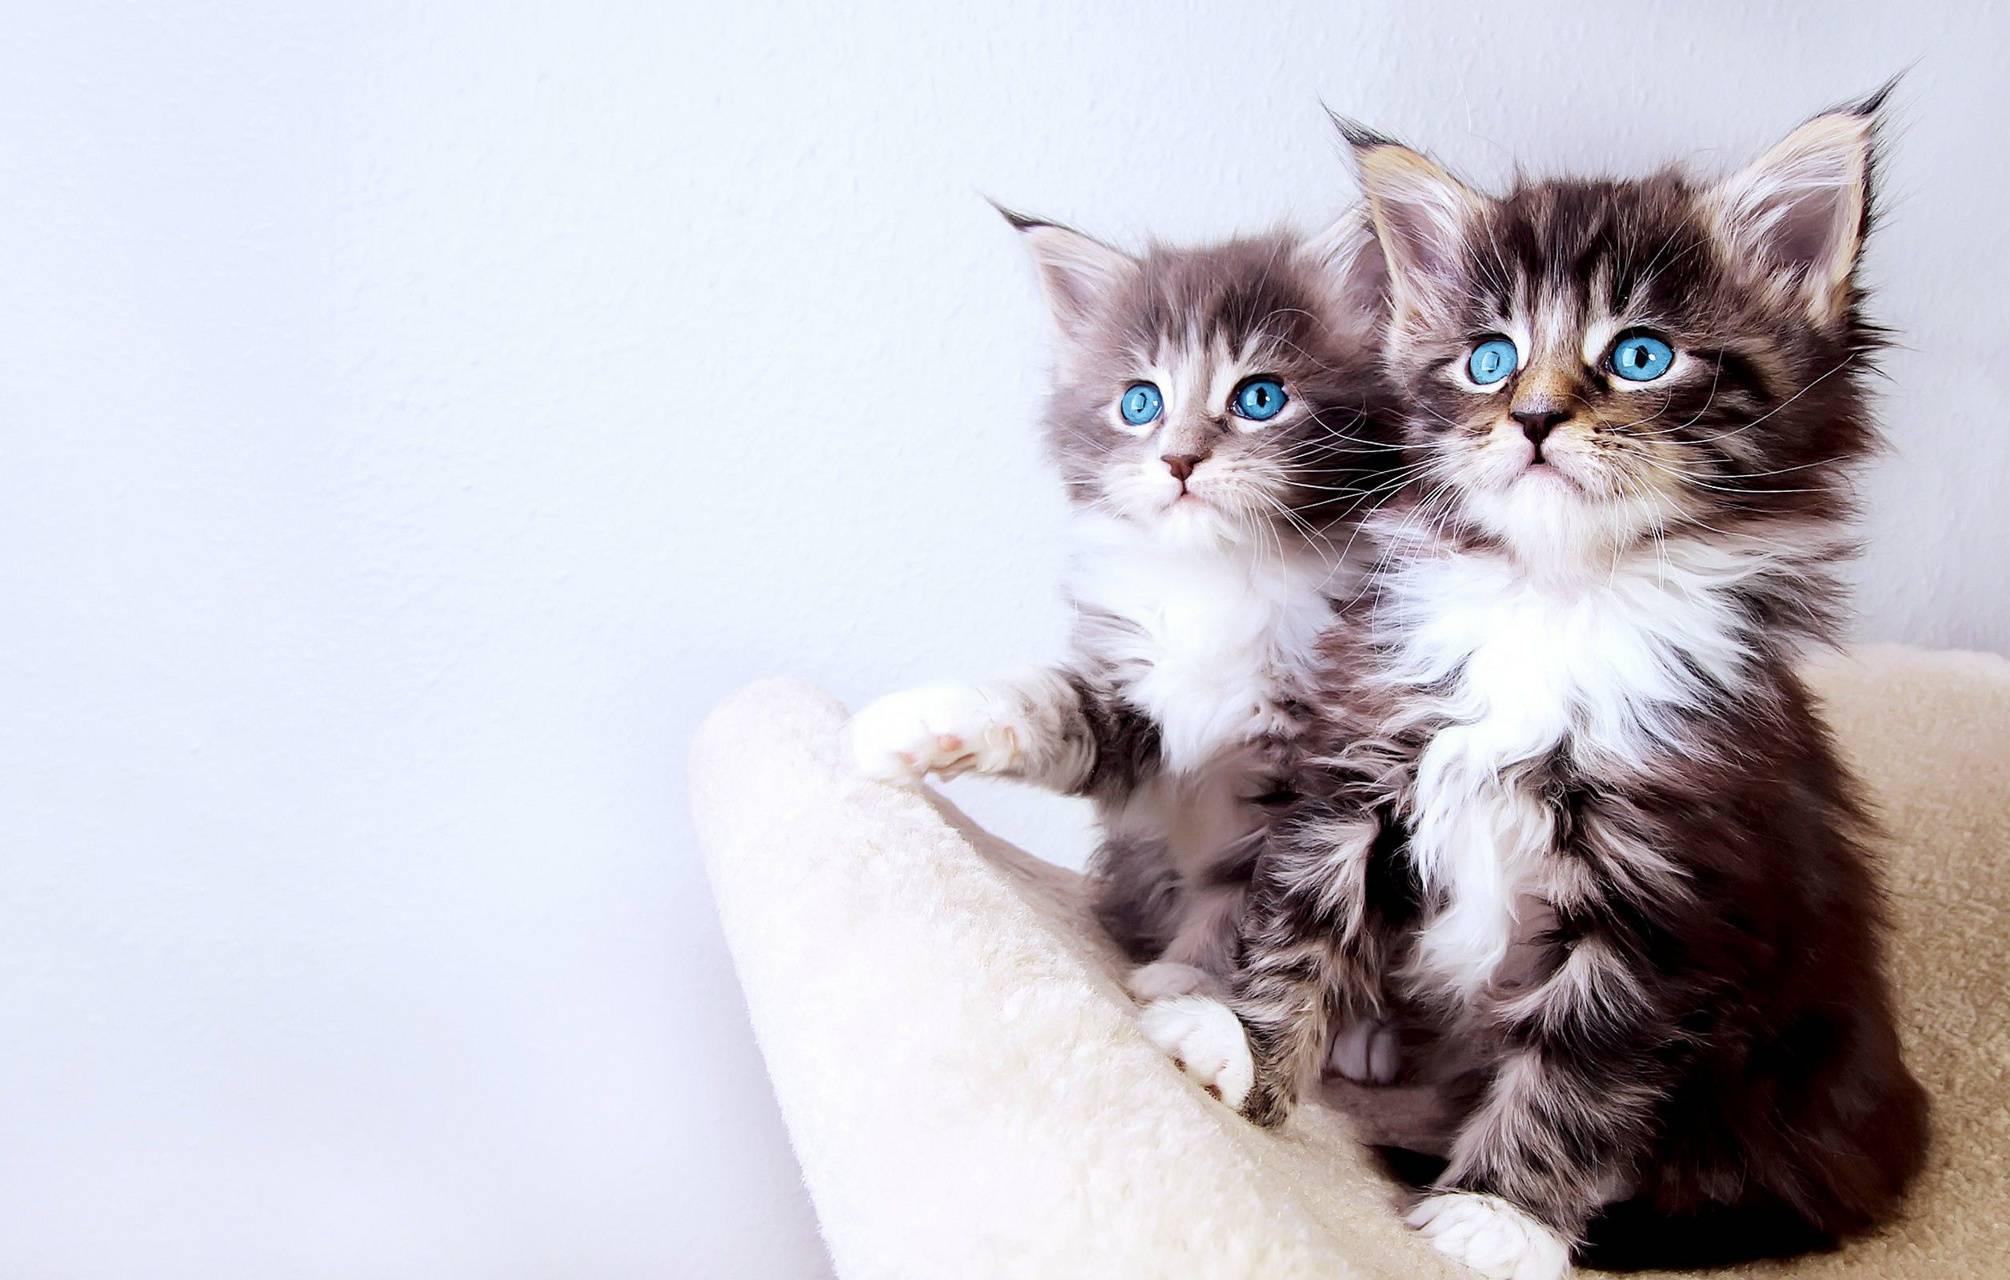 Cute kittens 1